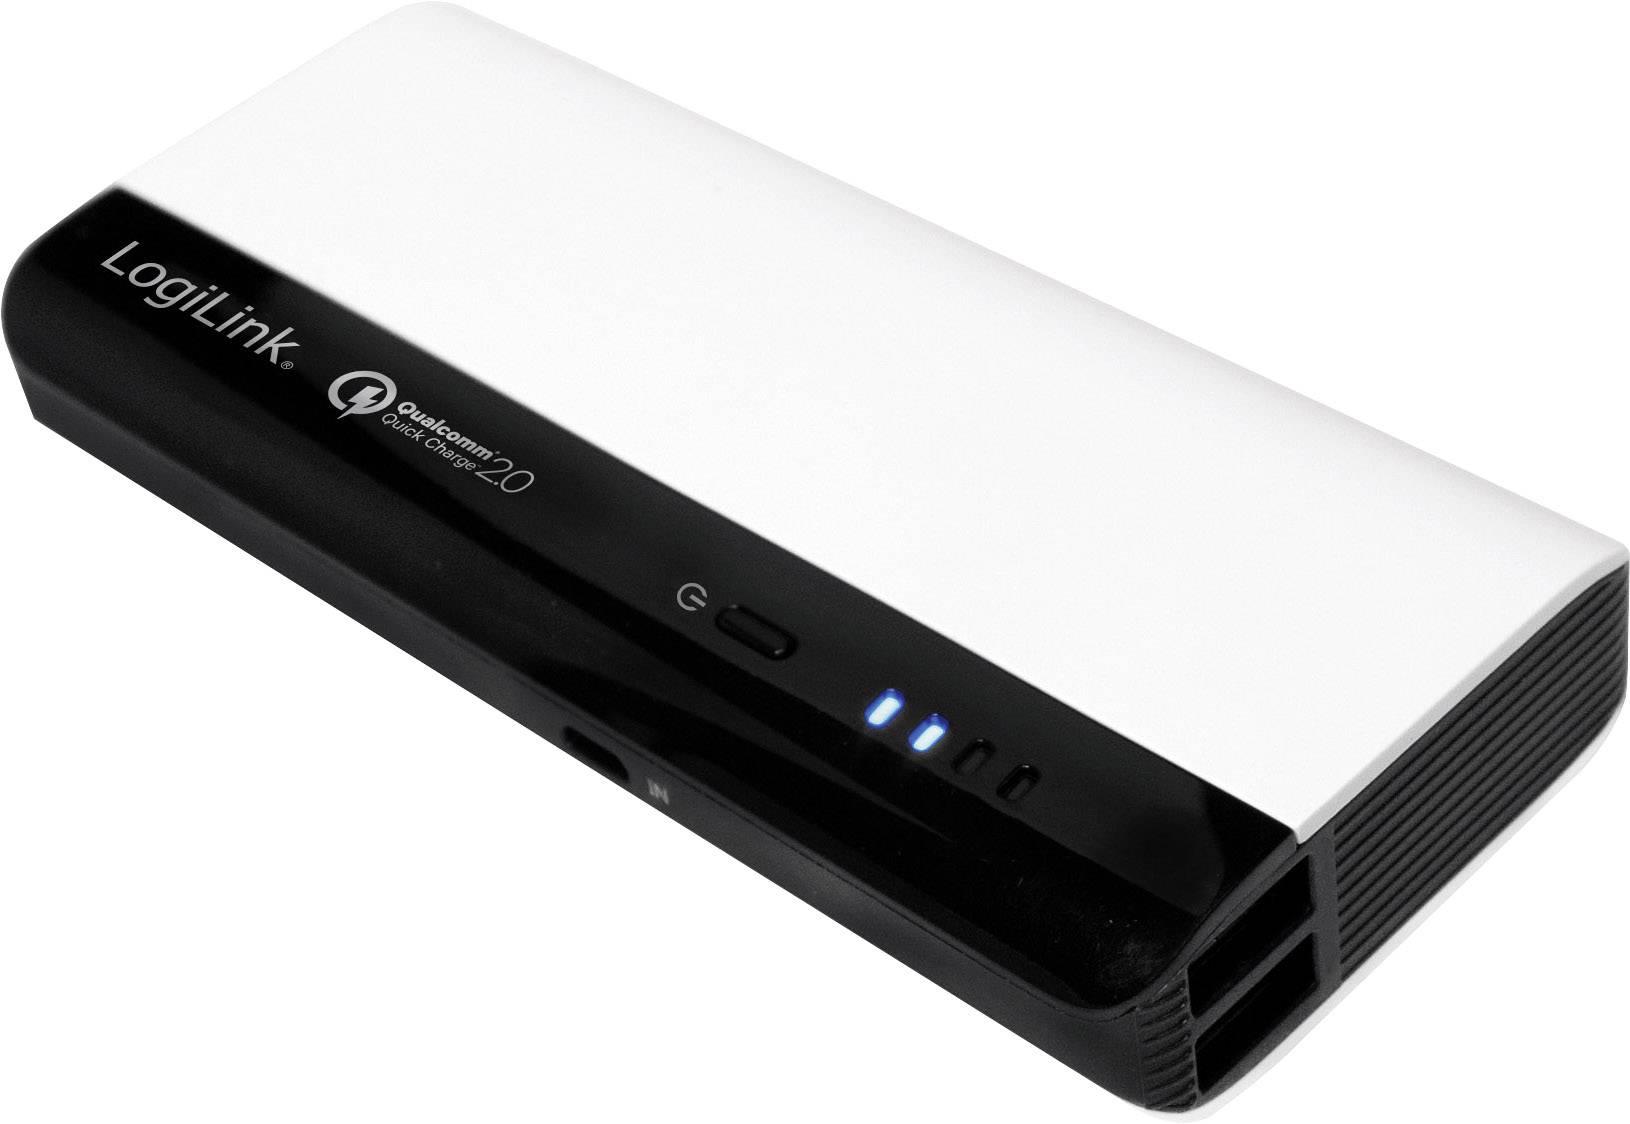 Powerbanka LogiLink Qualcomm 10400, Li-Ion akumulátor 10400 mAh, černá/bílá